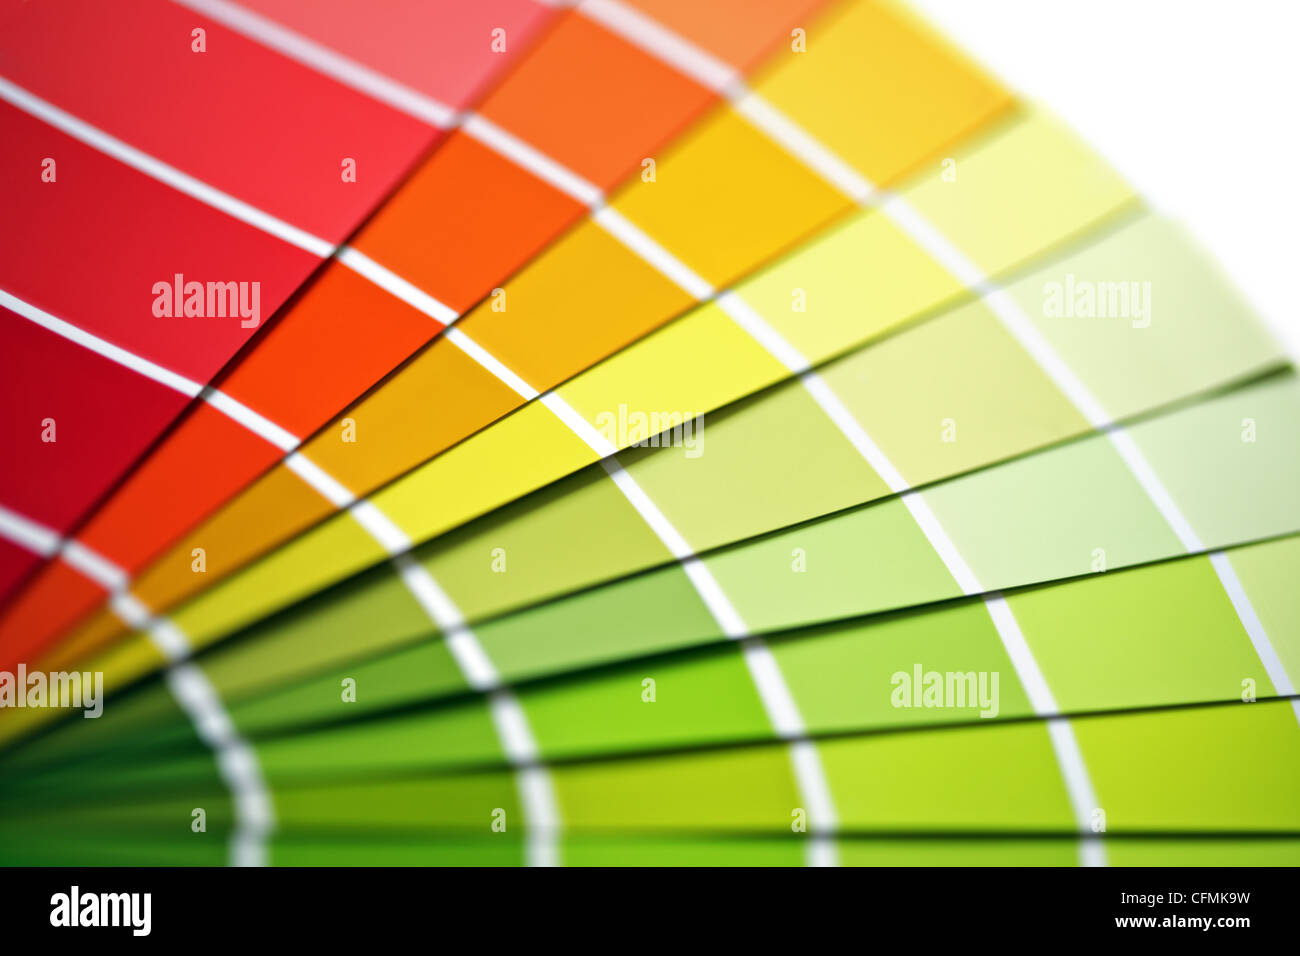 Farbige Muster Stockbild